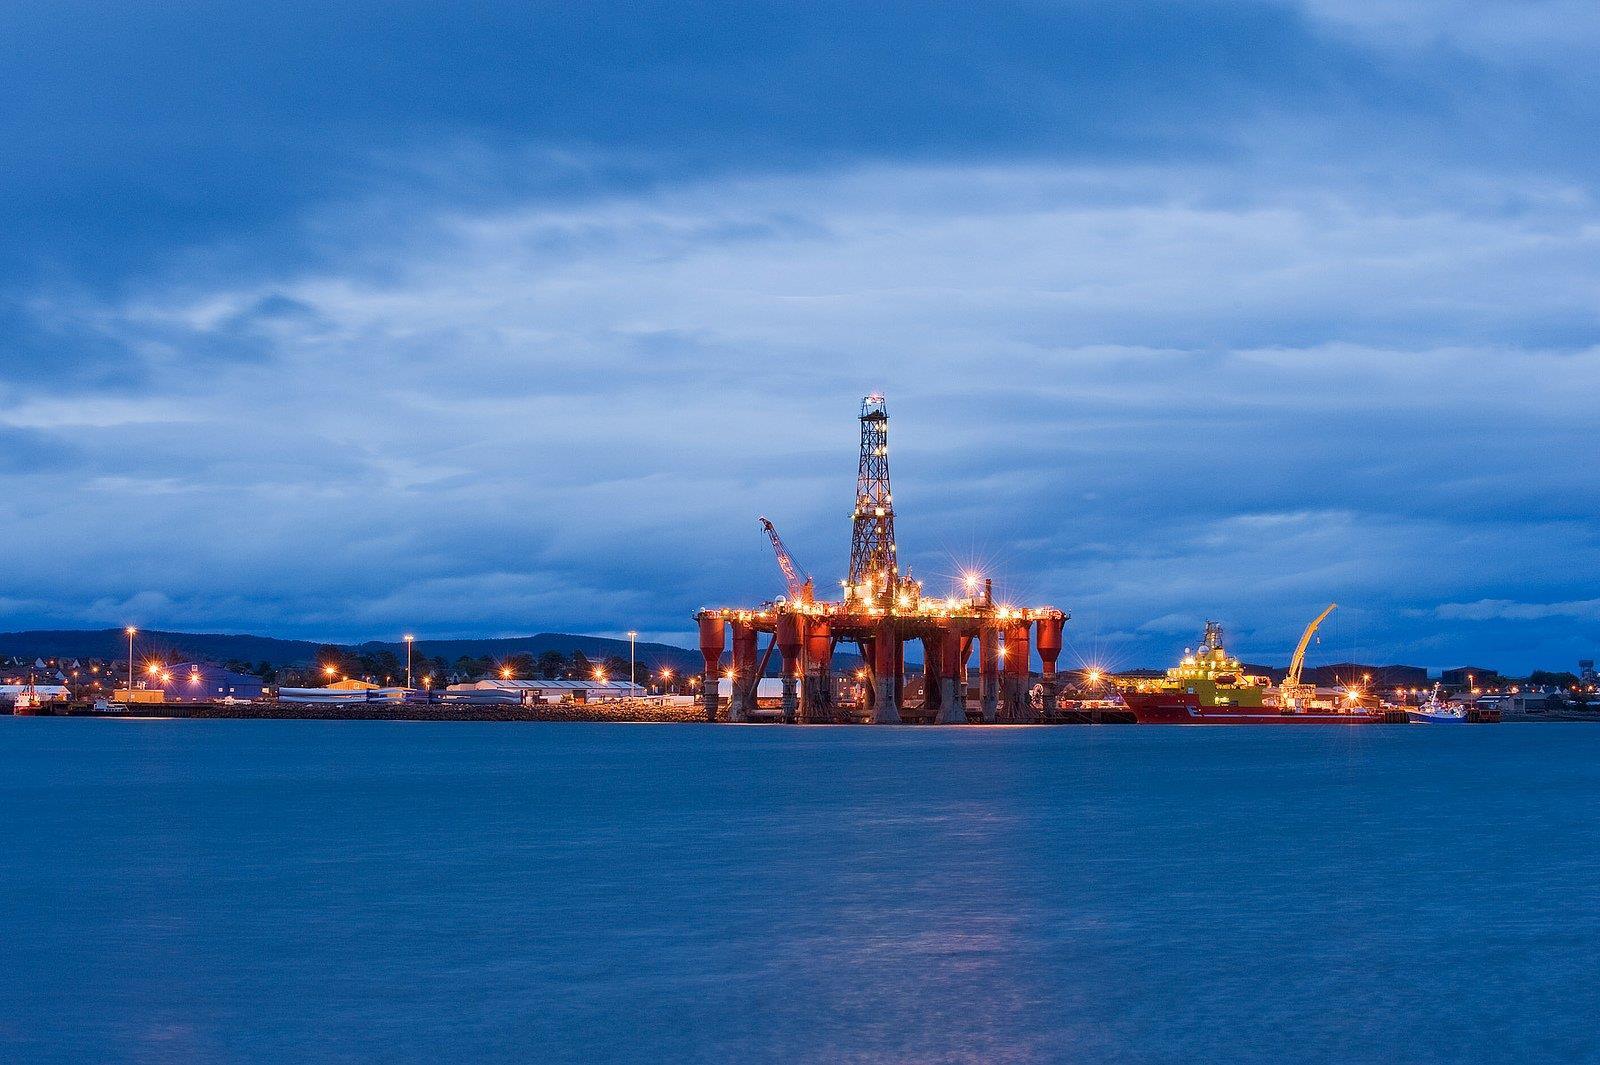 全球最大主权财富基金宣布减持油气勘探行业股份